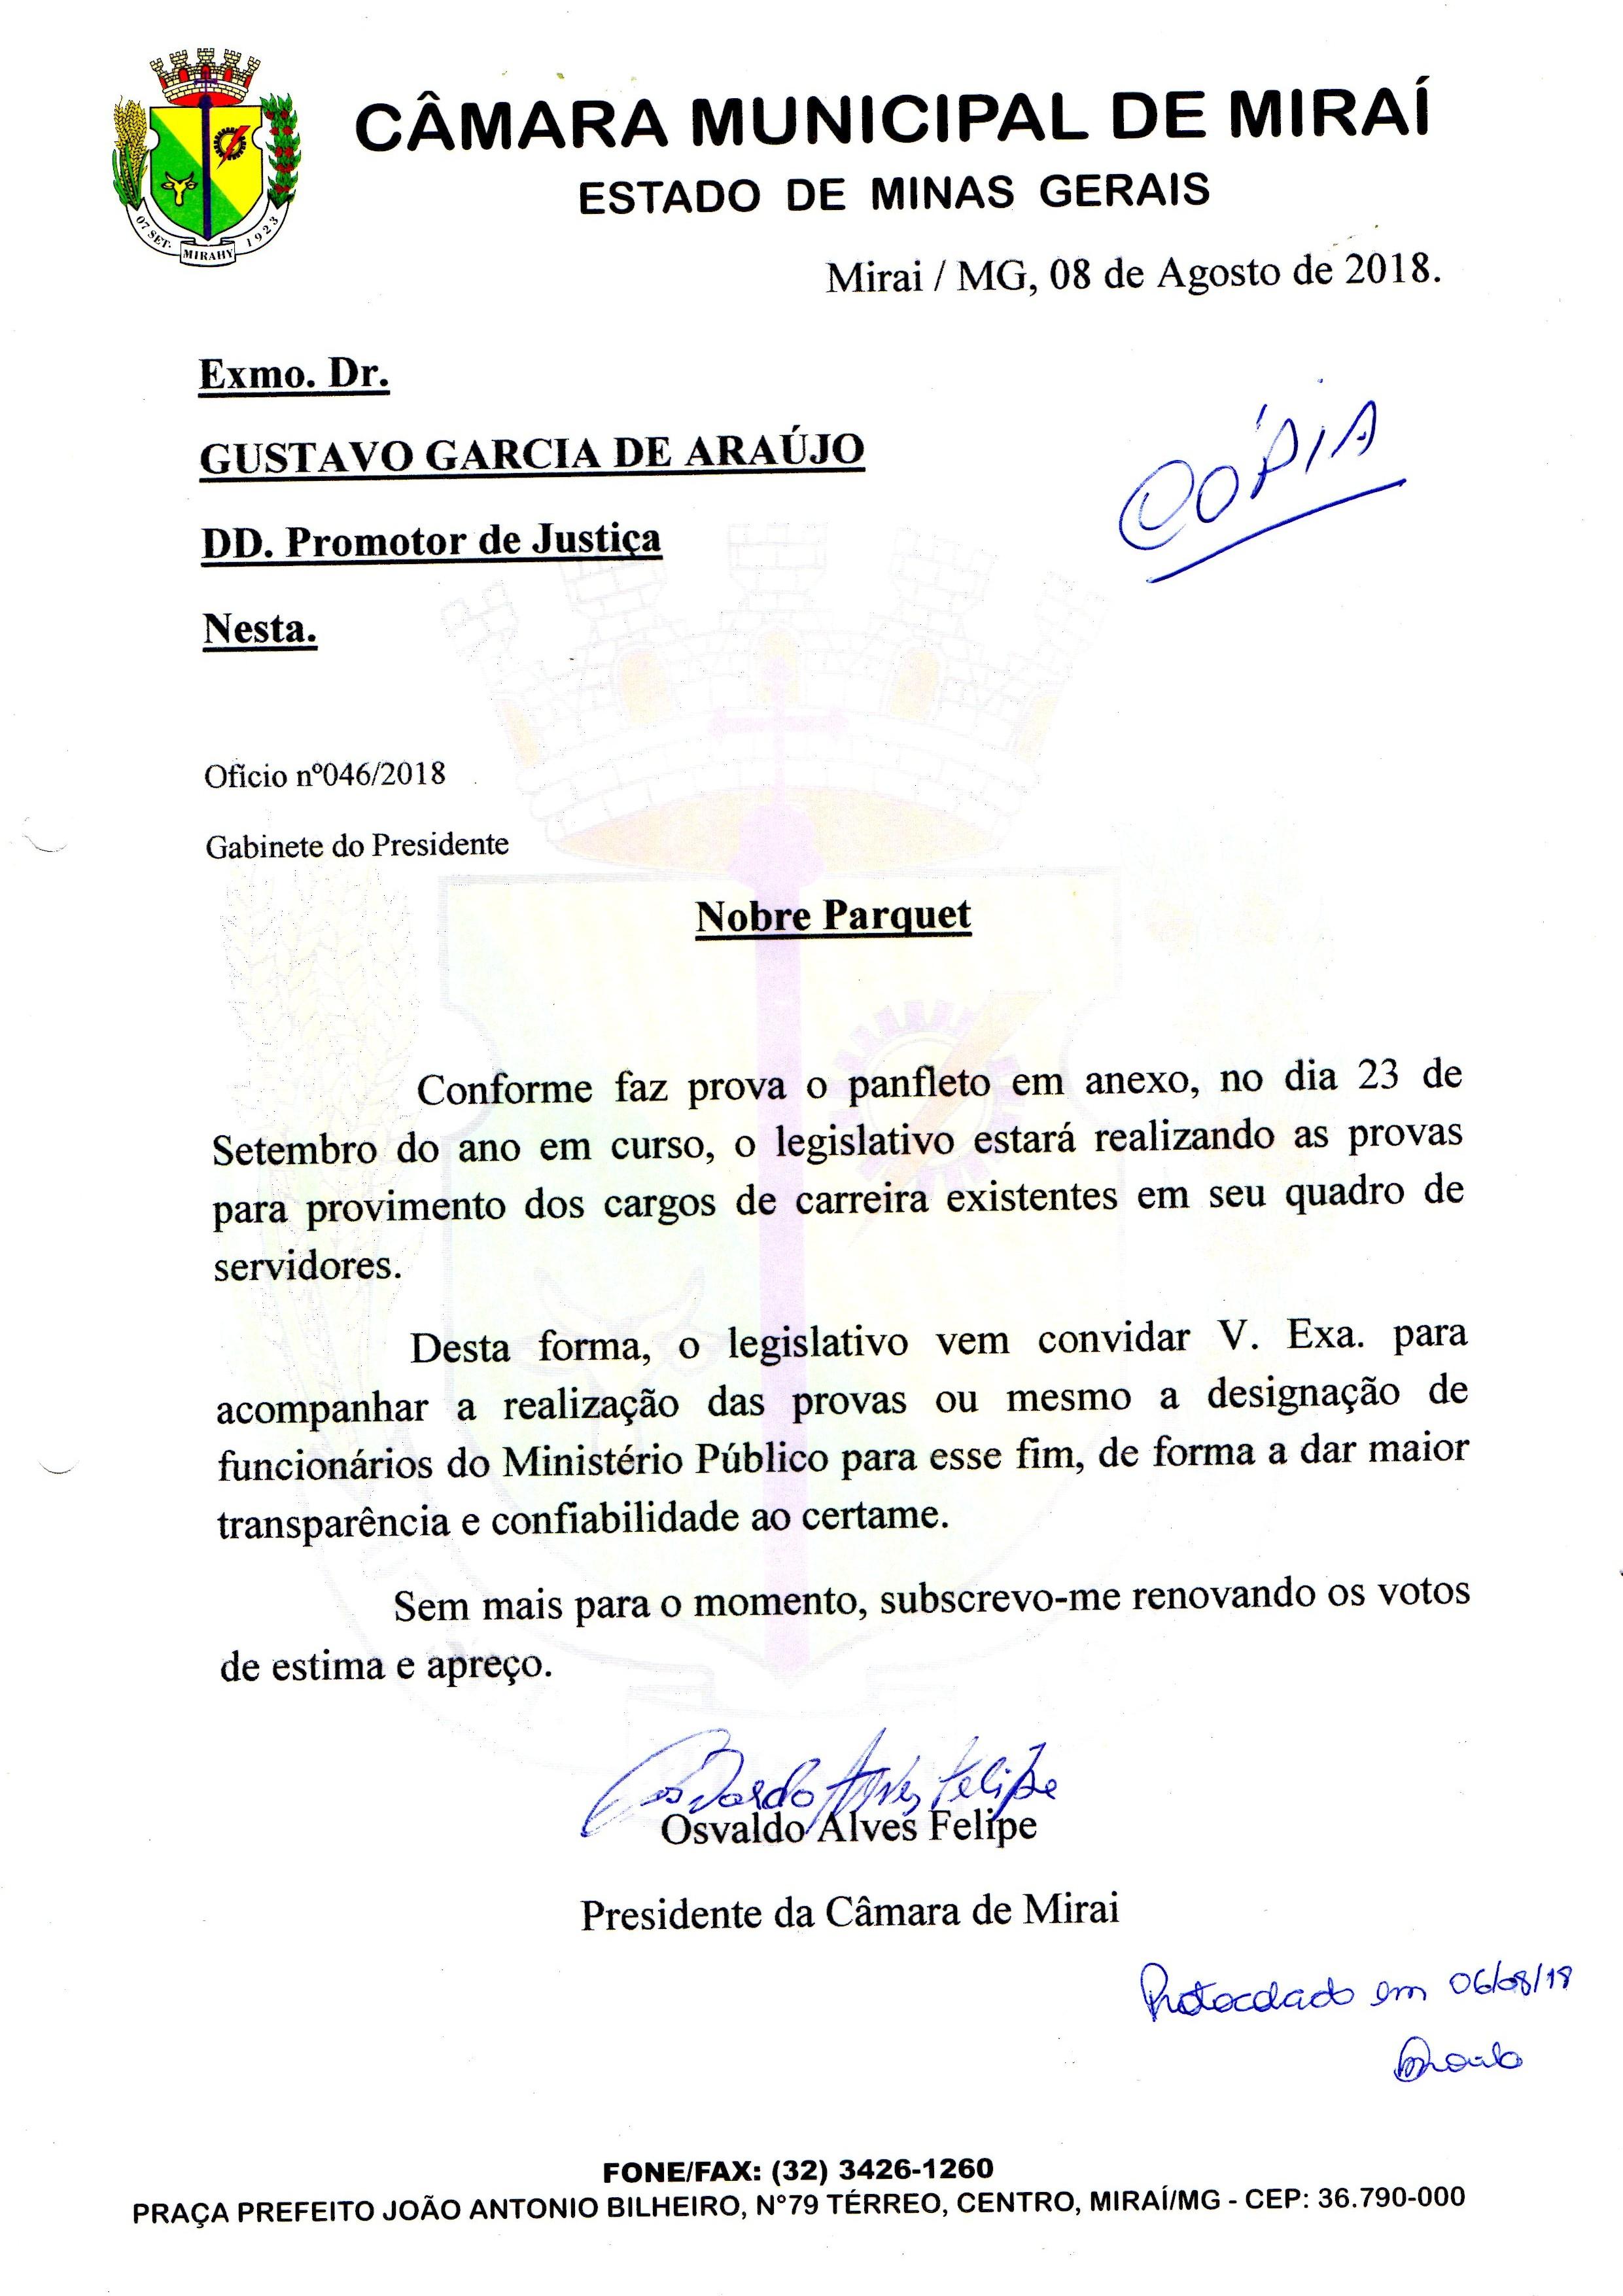 Câmara Municipal de Mirai oficia Ministério Público para que acompanhe a realização das provas do concurso Público.